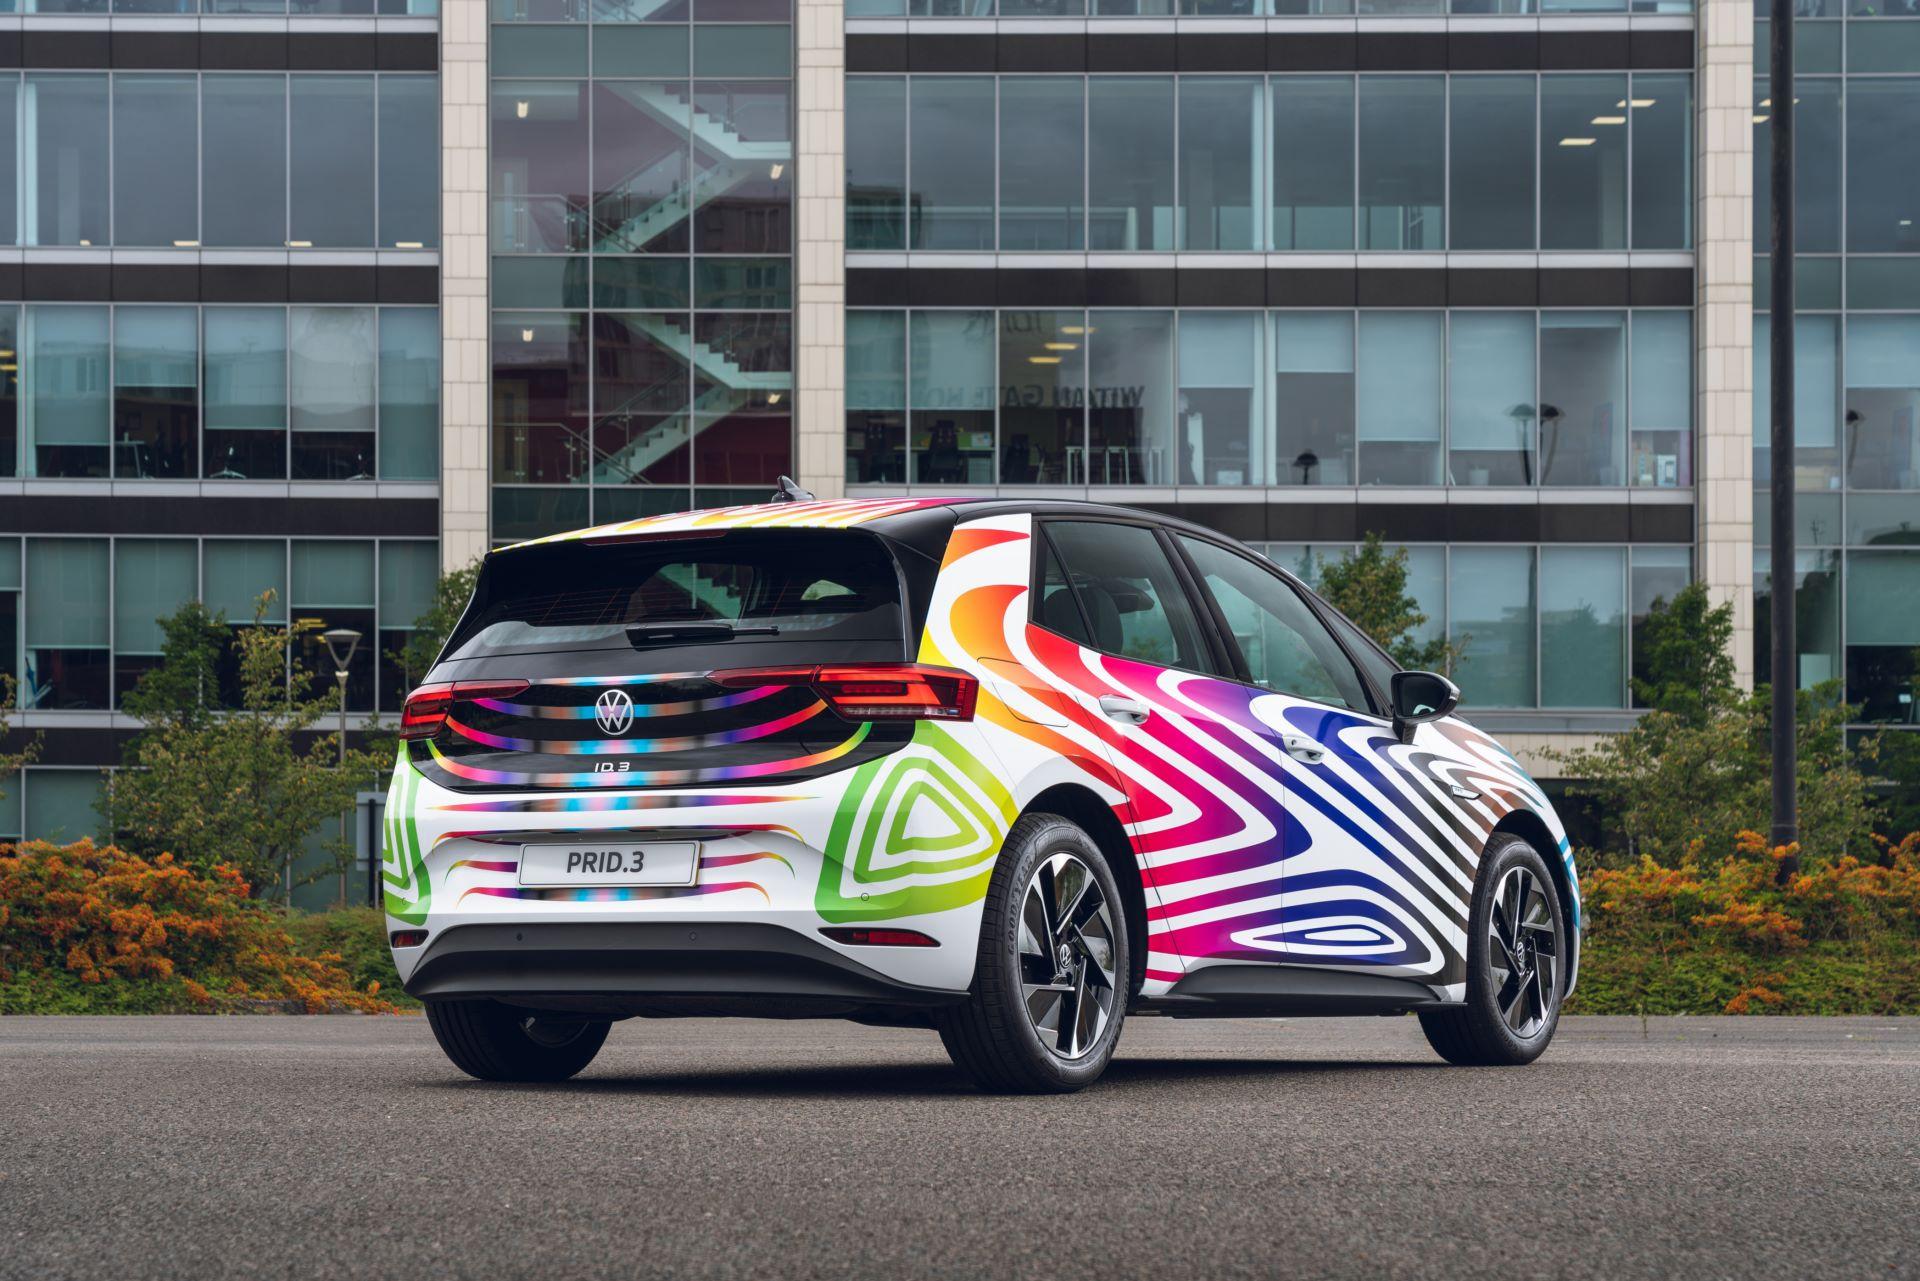 Volkswagen-PRID.3-12